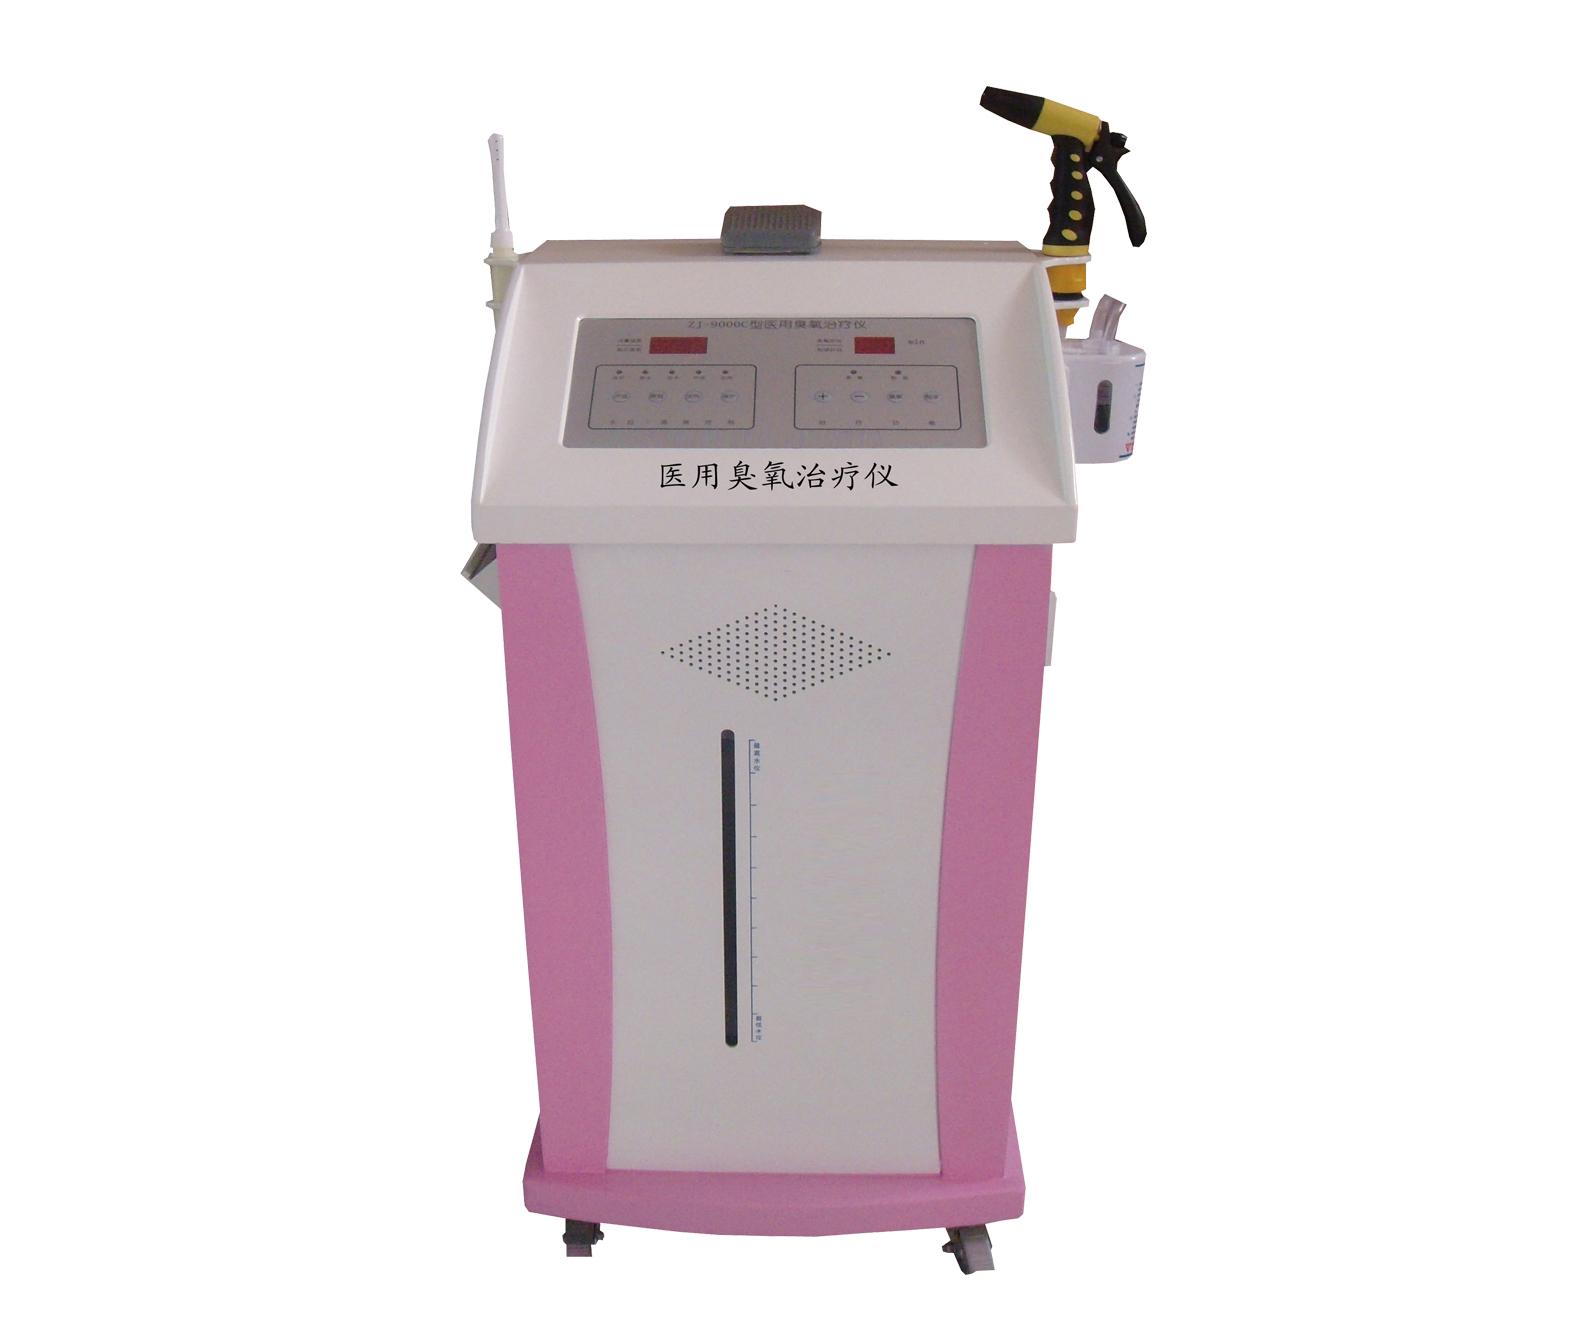 首创 标准型臭氧(四合一)/妇科臭氧治疗仪/臭氧、雾化、冲洗、自动加热